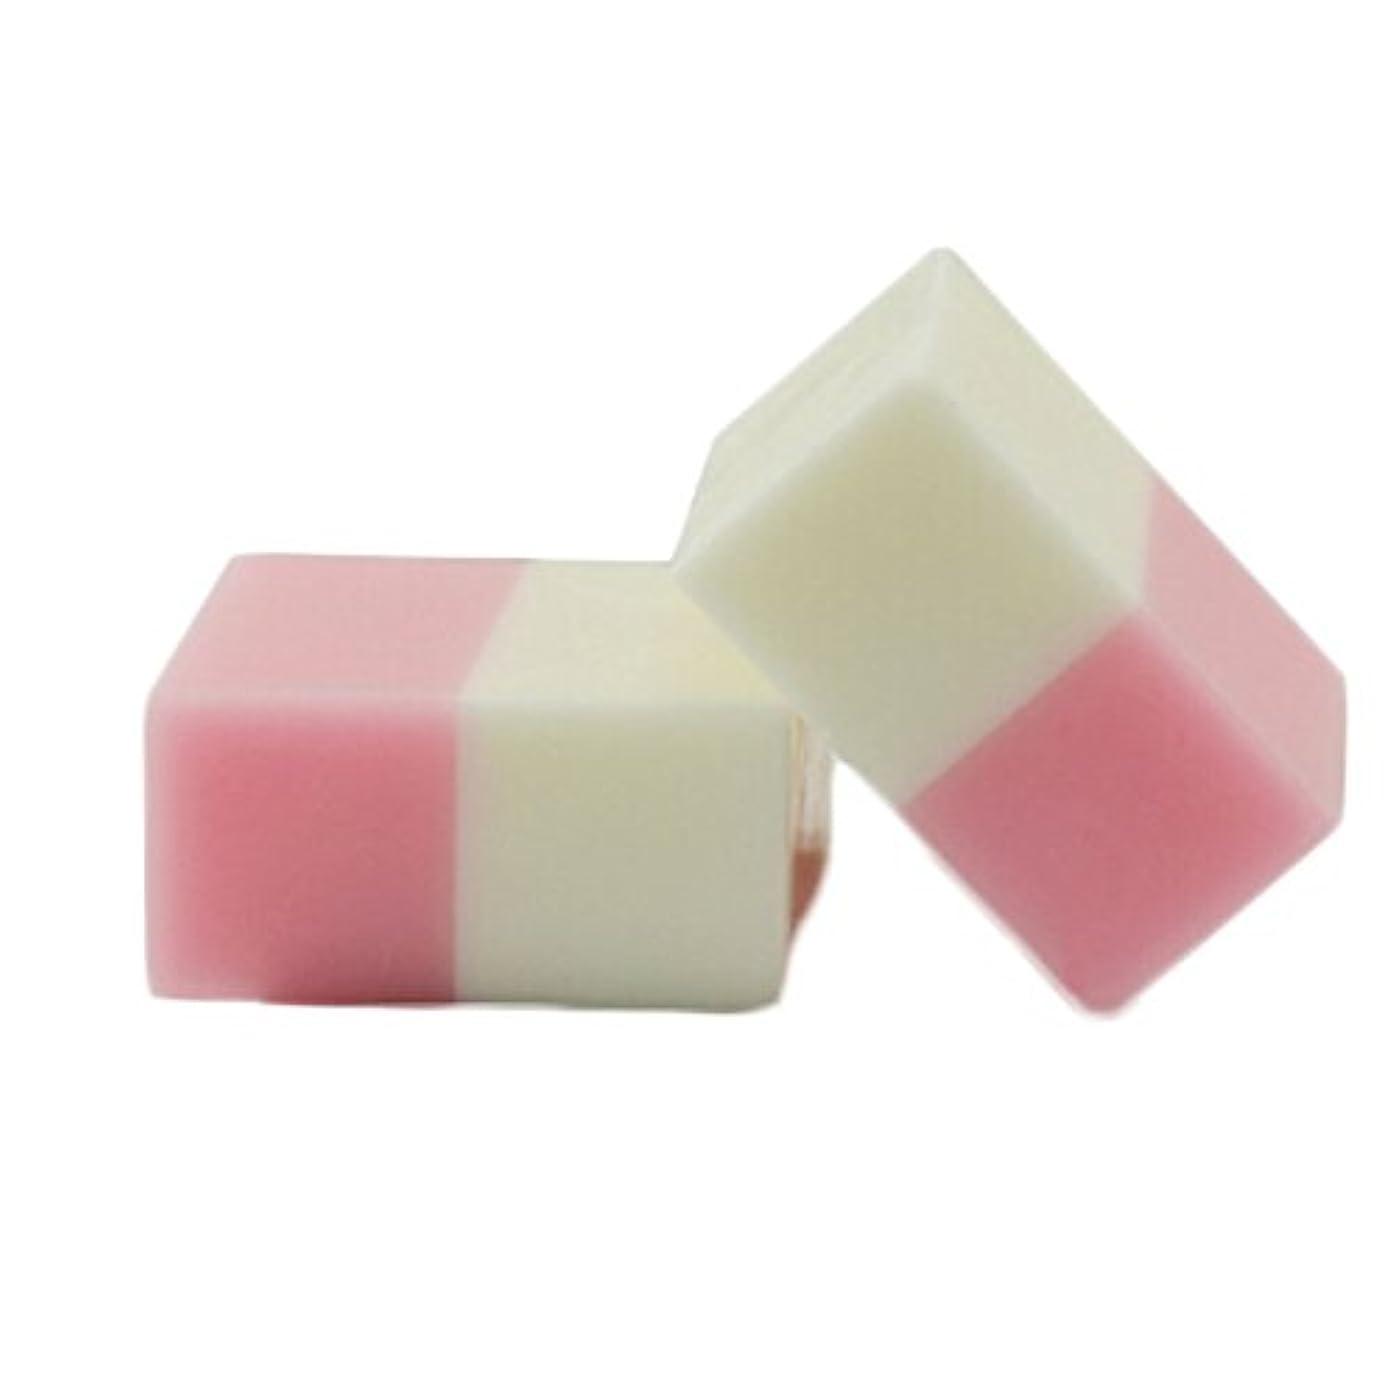 の配列踏みつけライムTerGOOSE 石鹸 無添加 固形せっけん 洗顔 美白 ローズ+ミルク 100g